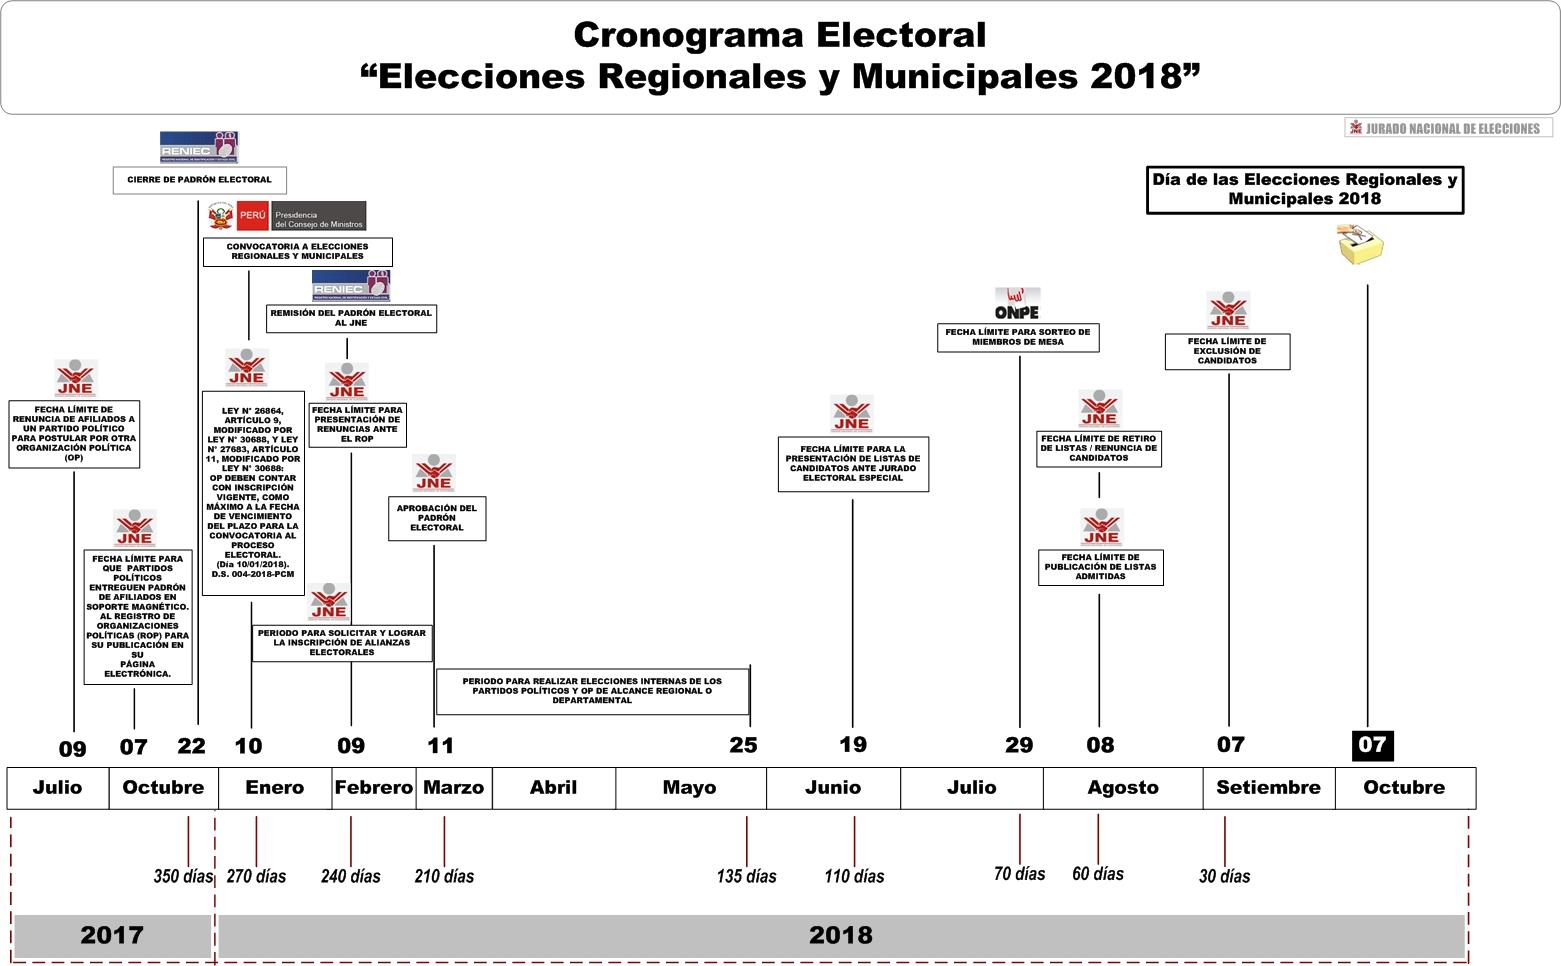 Elecciones Regionales Y Municipales 2018